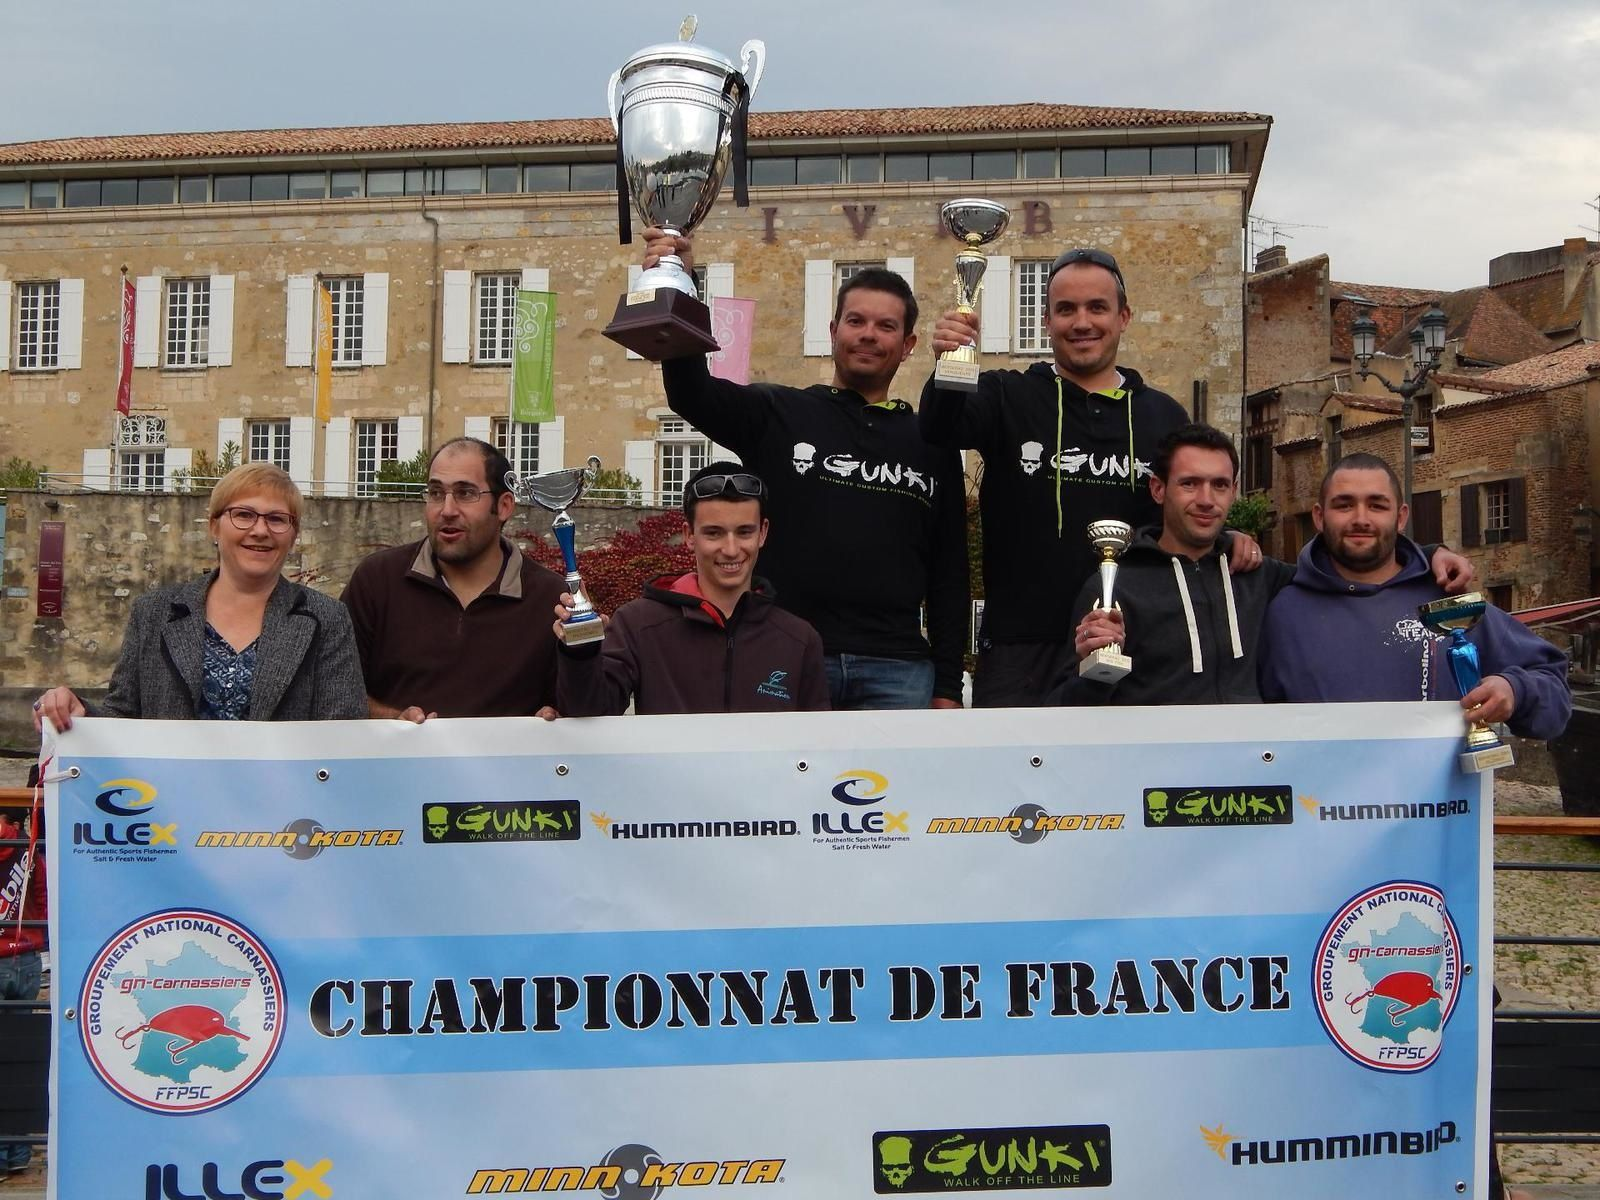 2015: une victoire pour nos 10 ans de compétition, devinez où? En Dordogne bien sûr chez l'ami Toto !